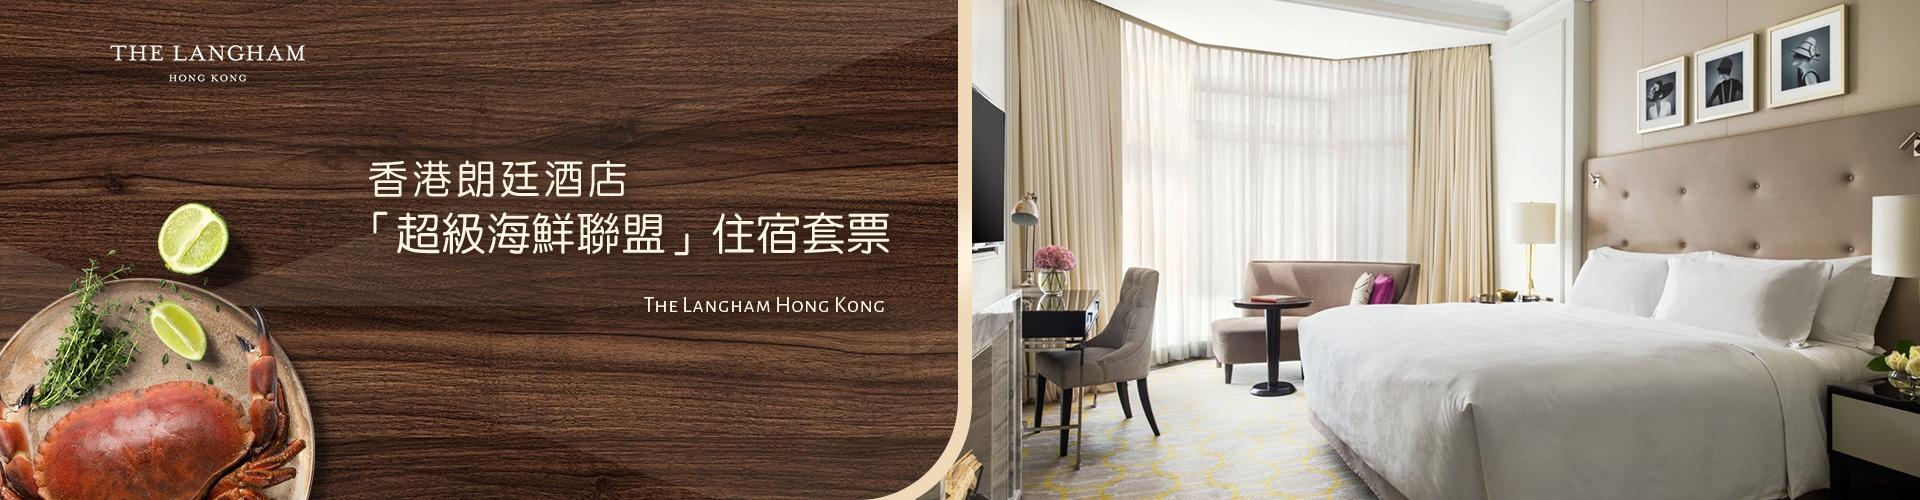 香港朗廷酒店「超級海鮮聯盟」住宿套票